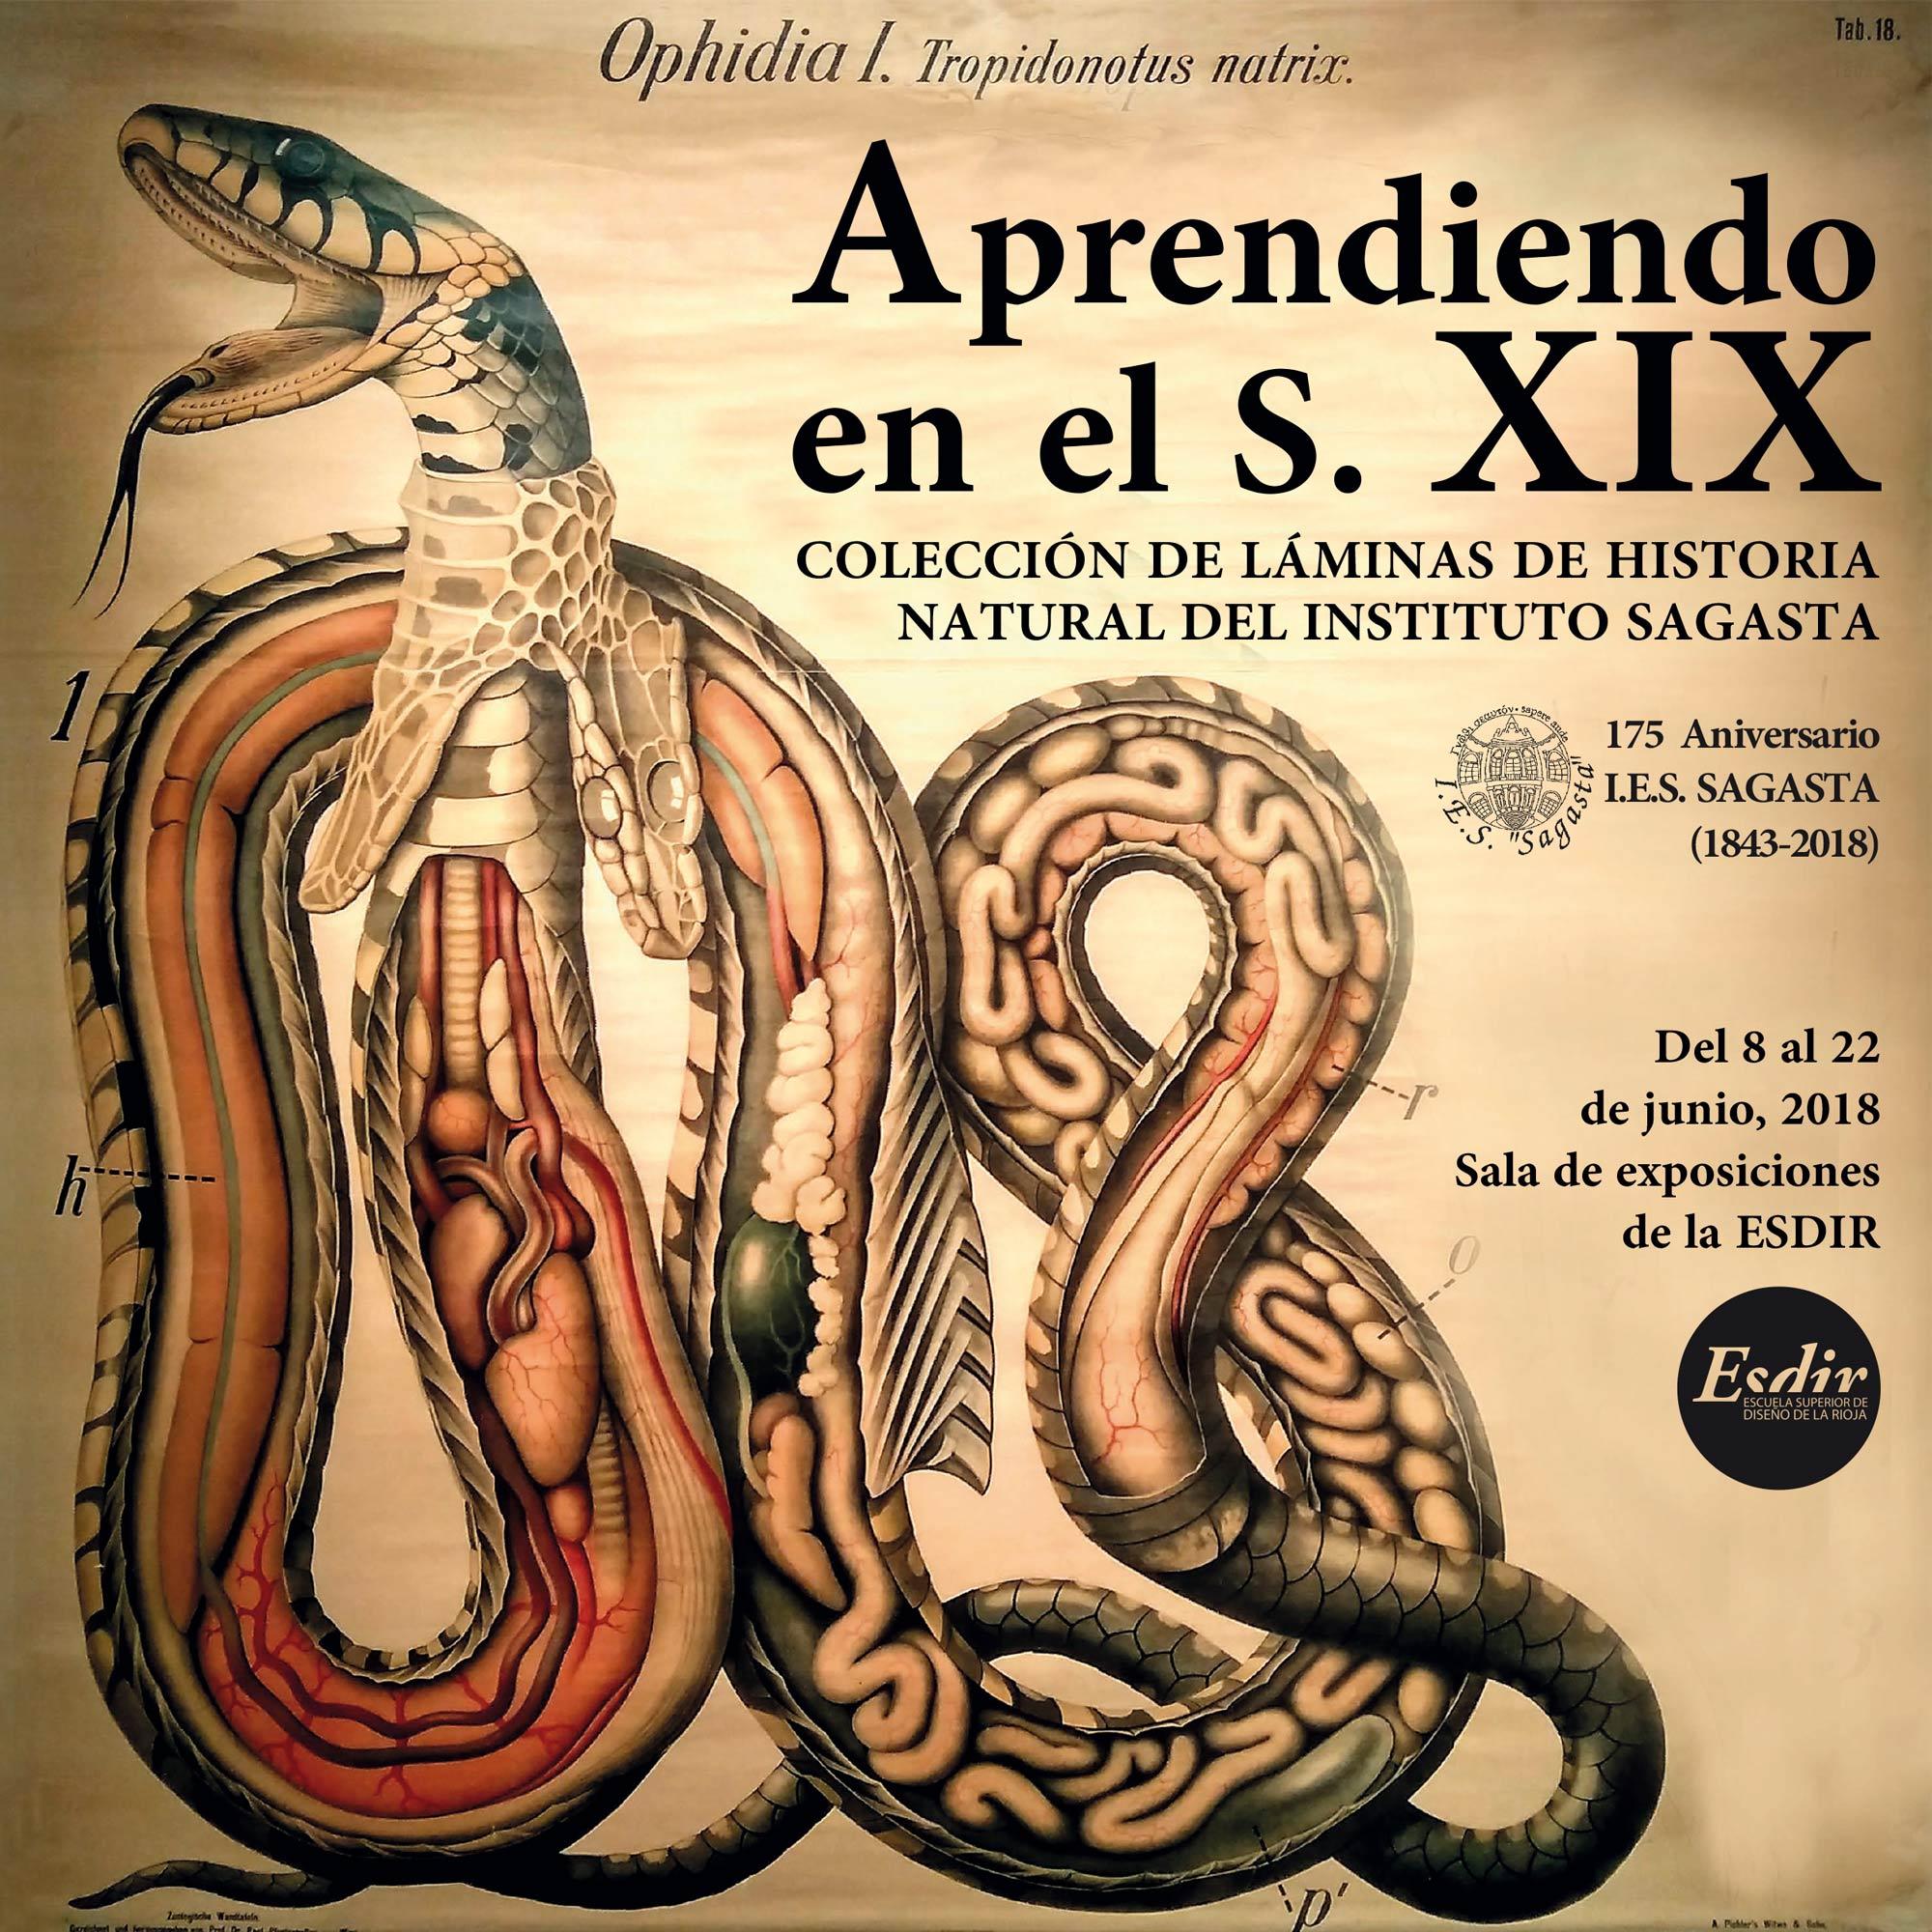 Exposición: Aprendiendo en el XIX. Colección de láminas del Sagasta.